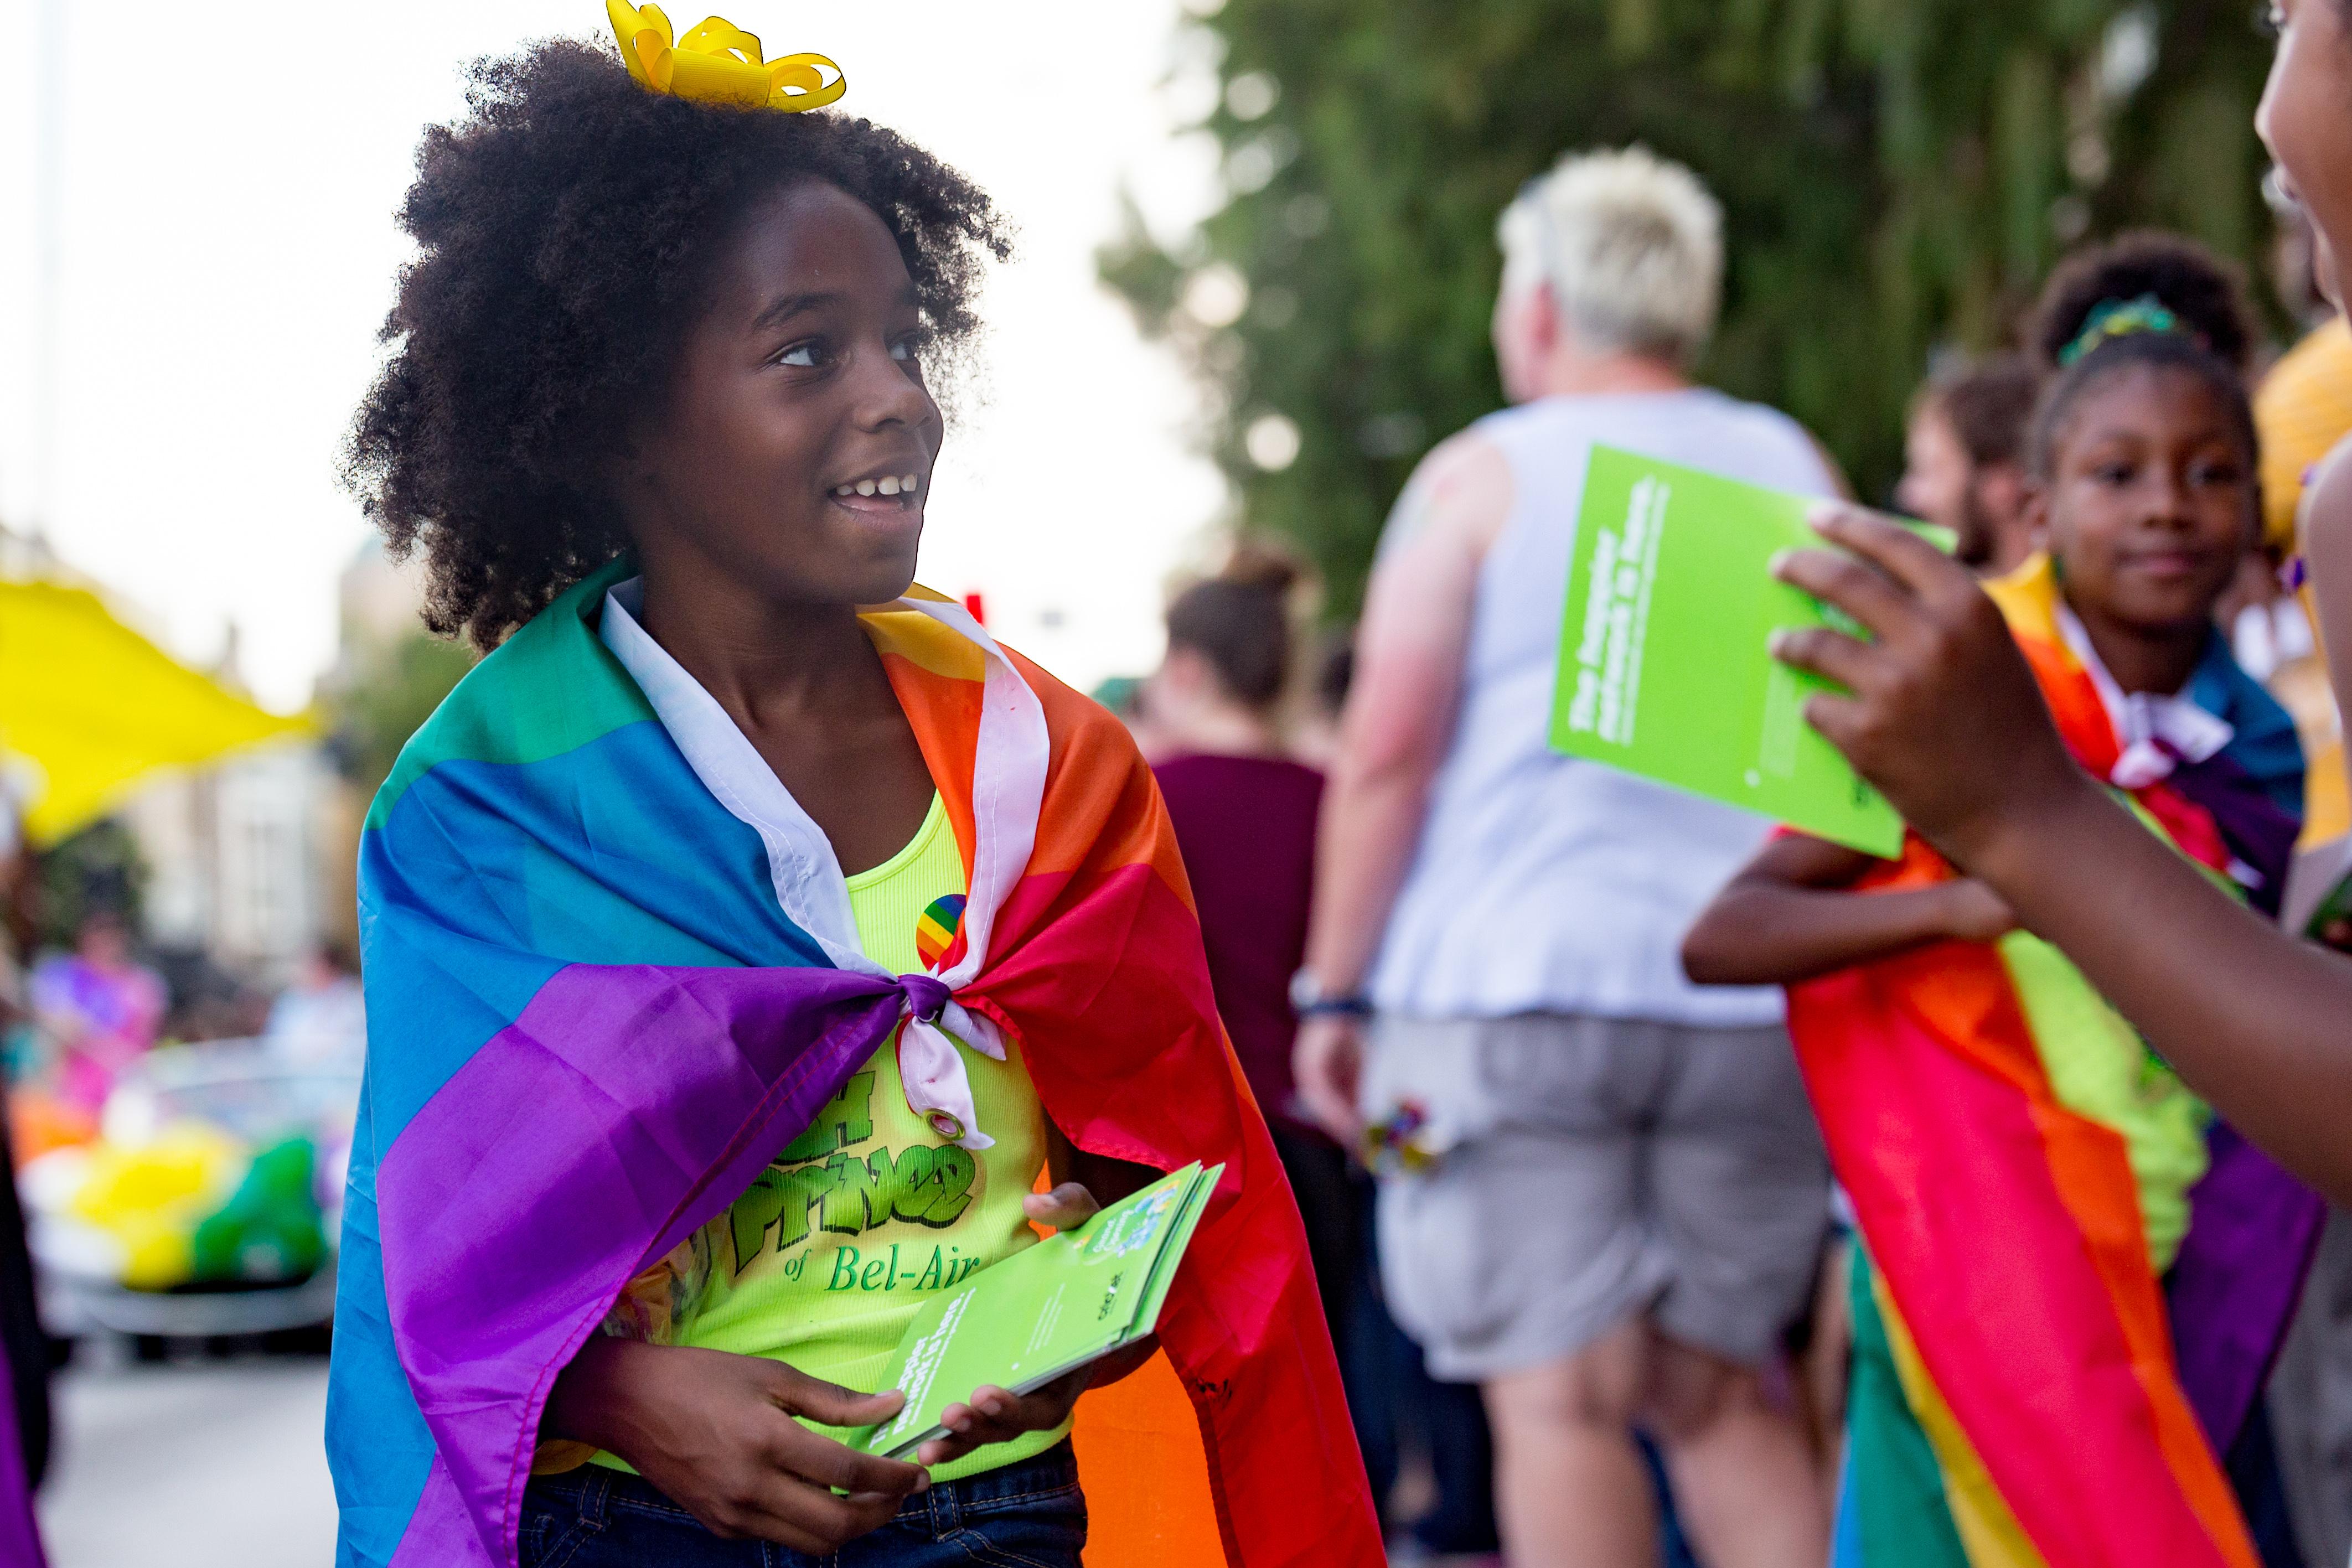 CU PrideFest